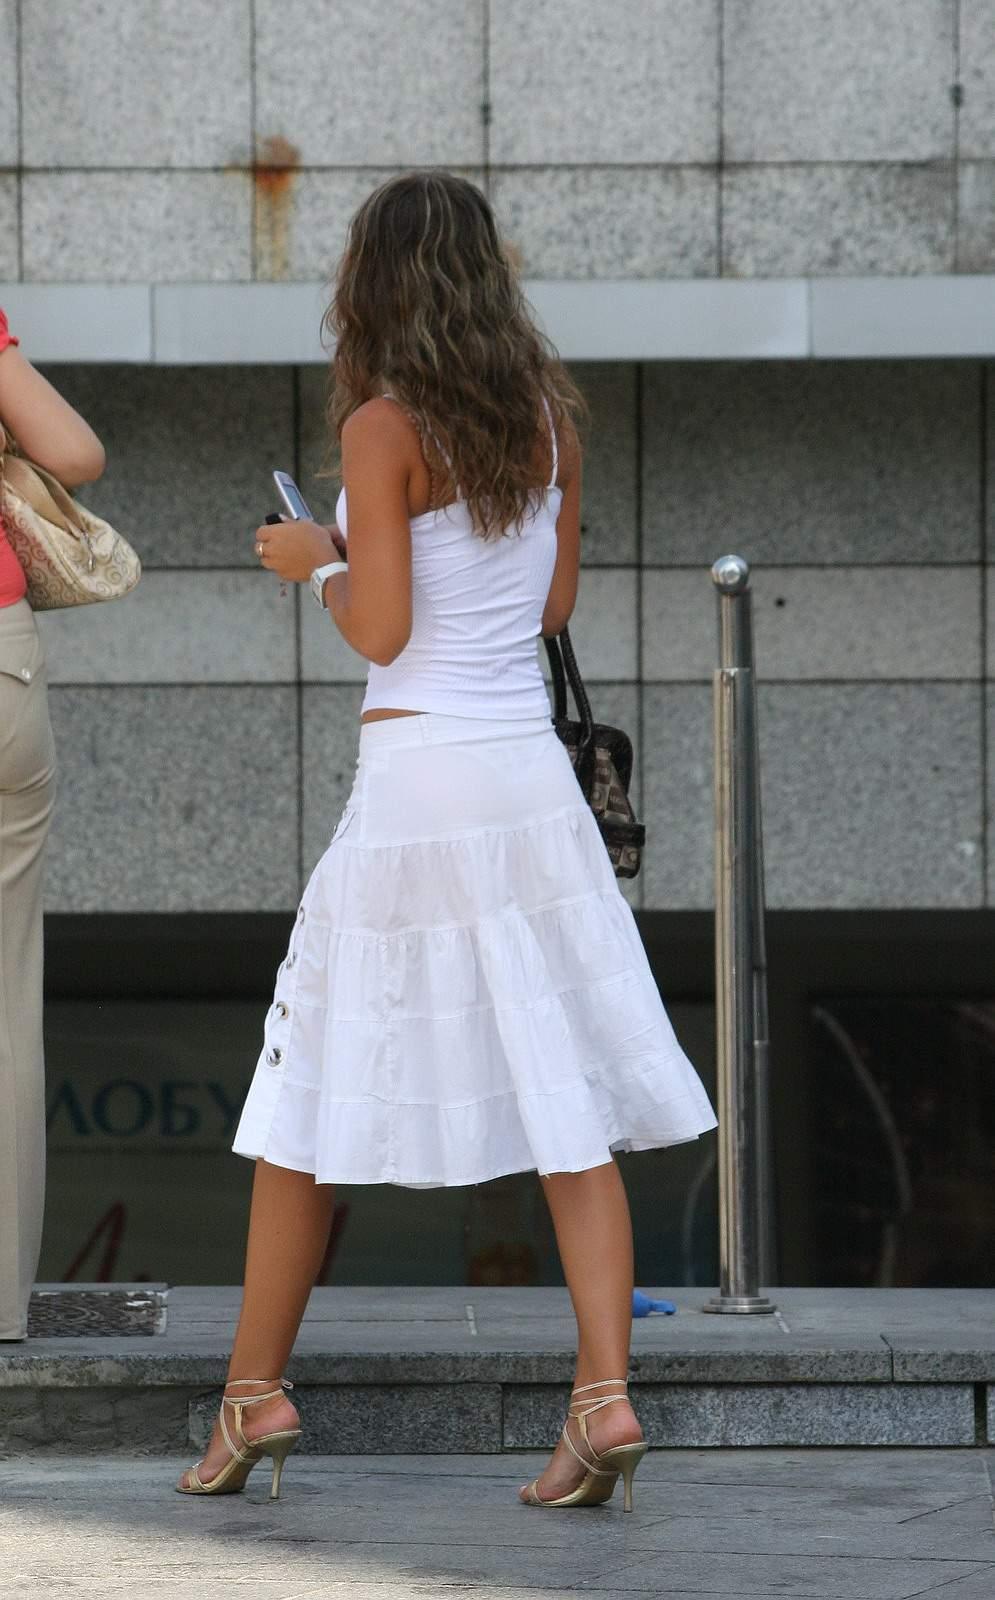 Фото просвечивающиеся платья на улице 19 фотография